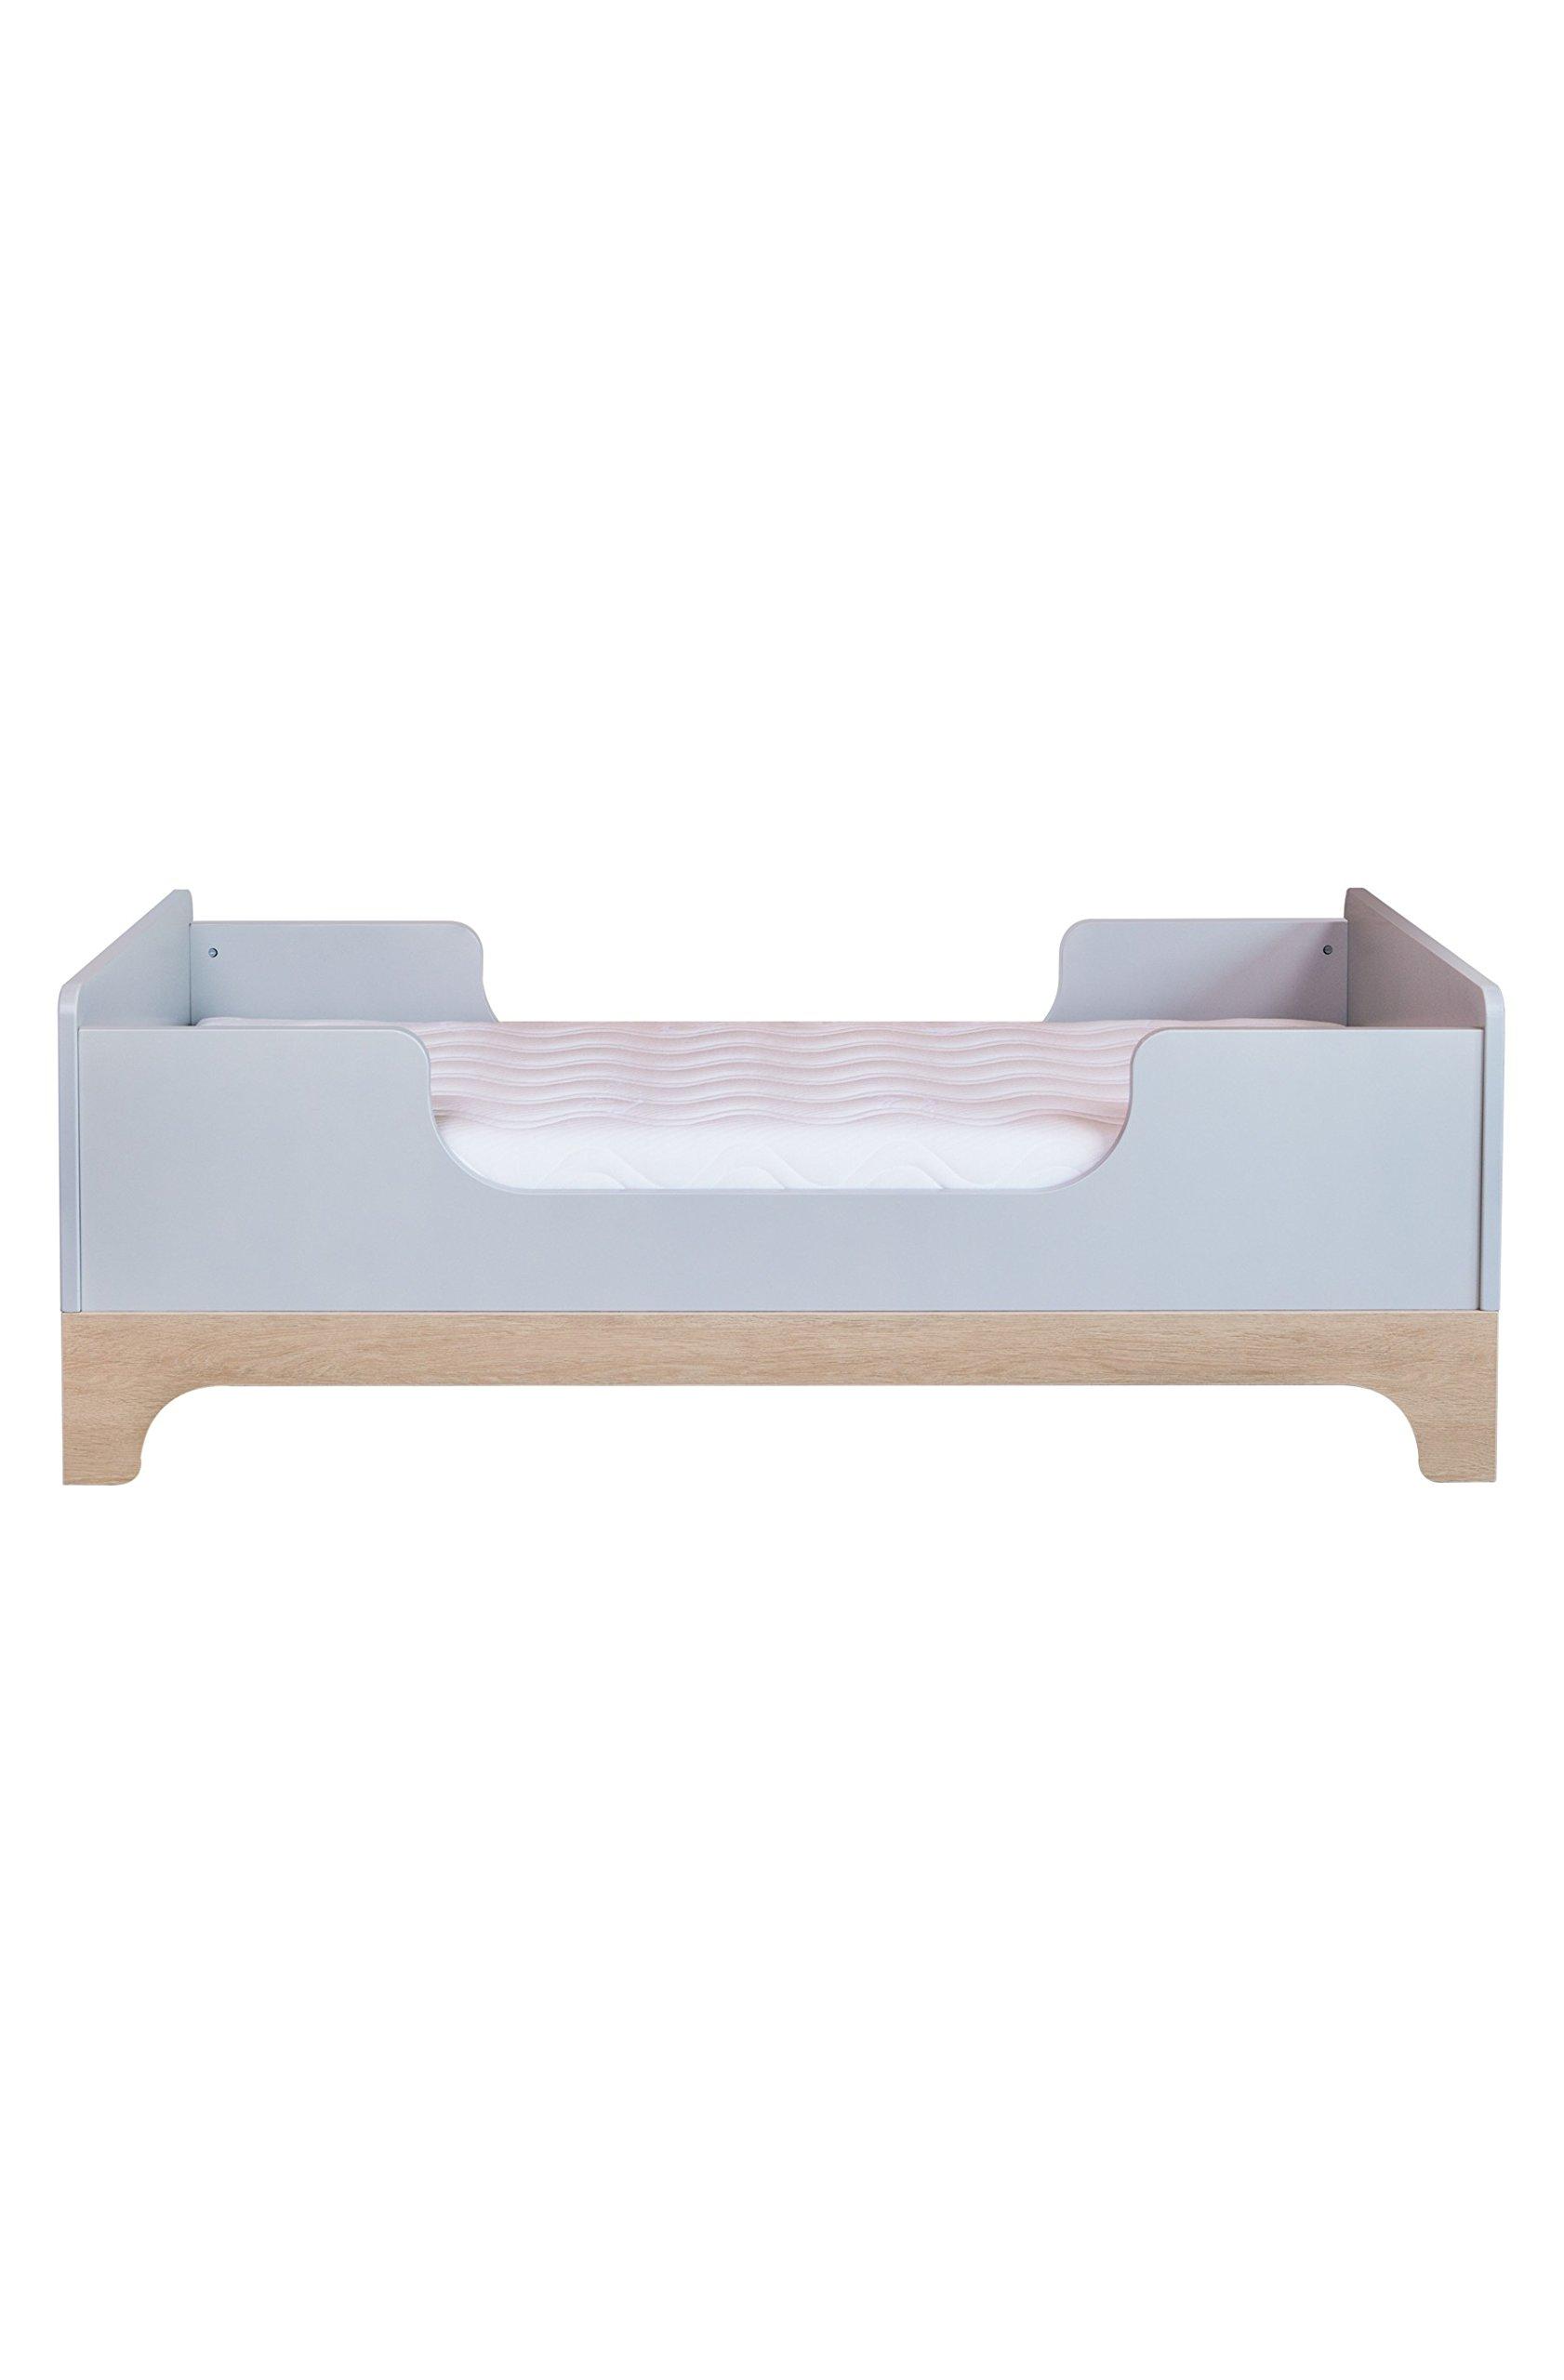 Kadolis Calvi Convertible Bed - 70 x 140 cm Gris claro/Madera   3